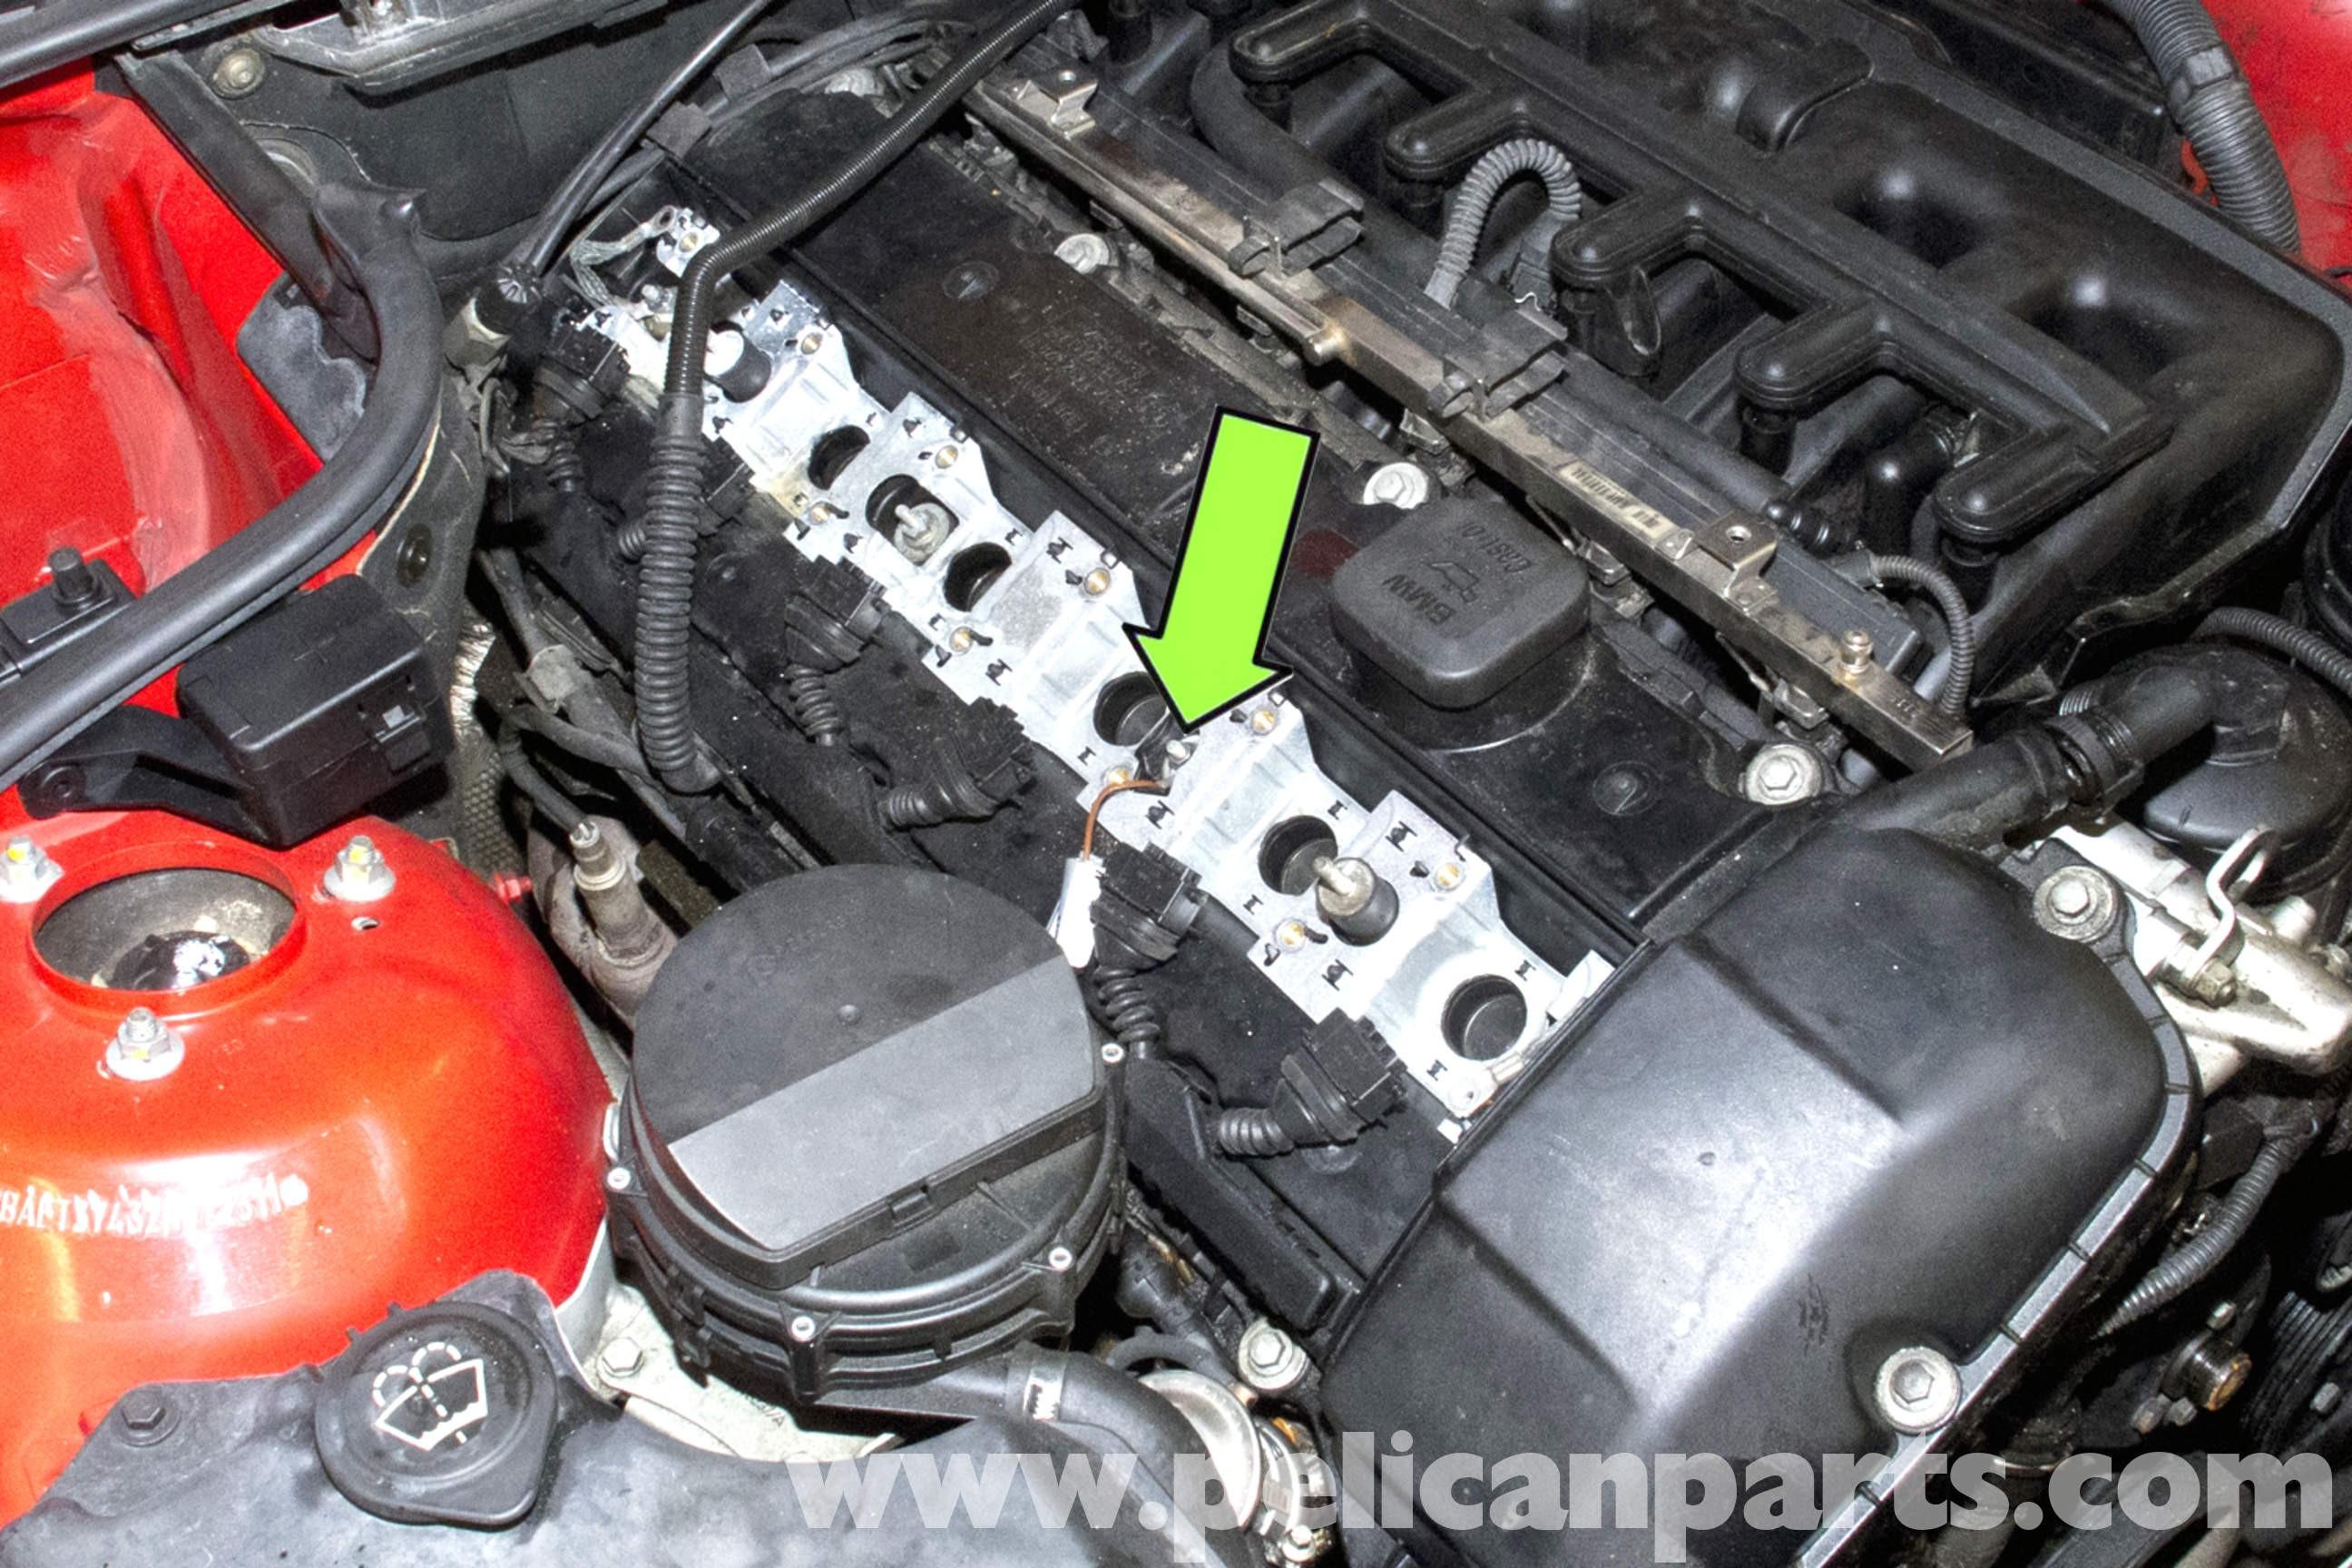 2000 Bmw 528i Engine Diagram Bmw E39 5 Series Valve Cover Gasket Removal Of 2000 Bmw 528i Engine Diagram